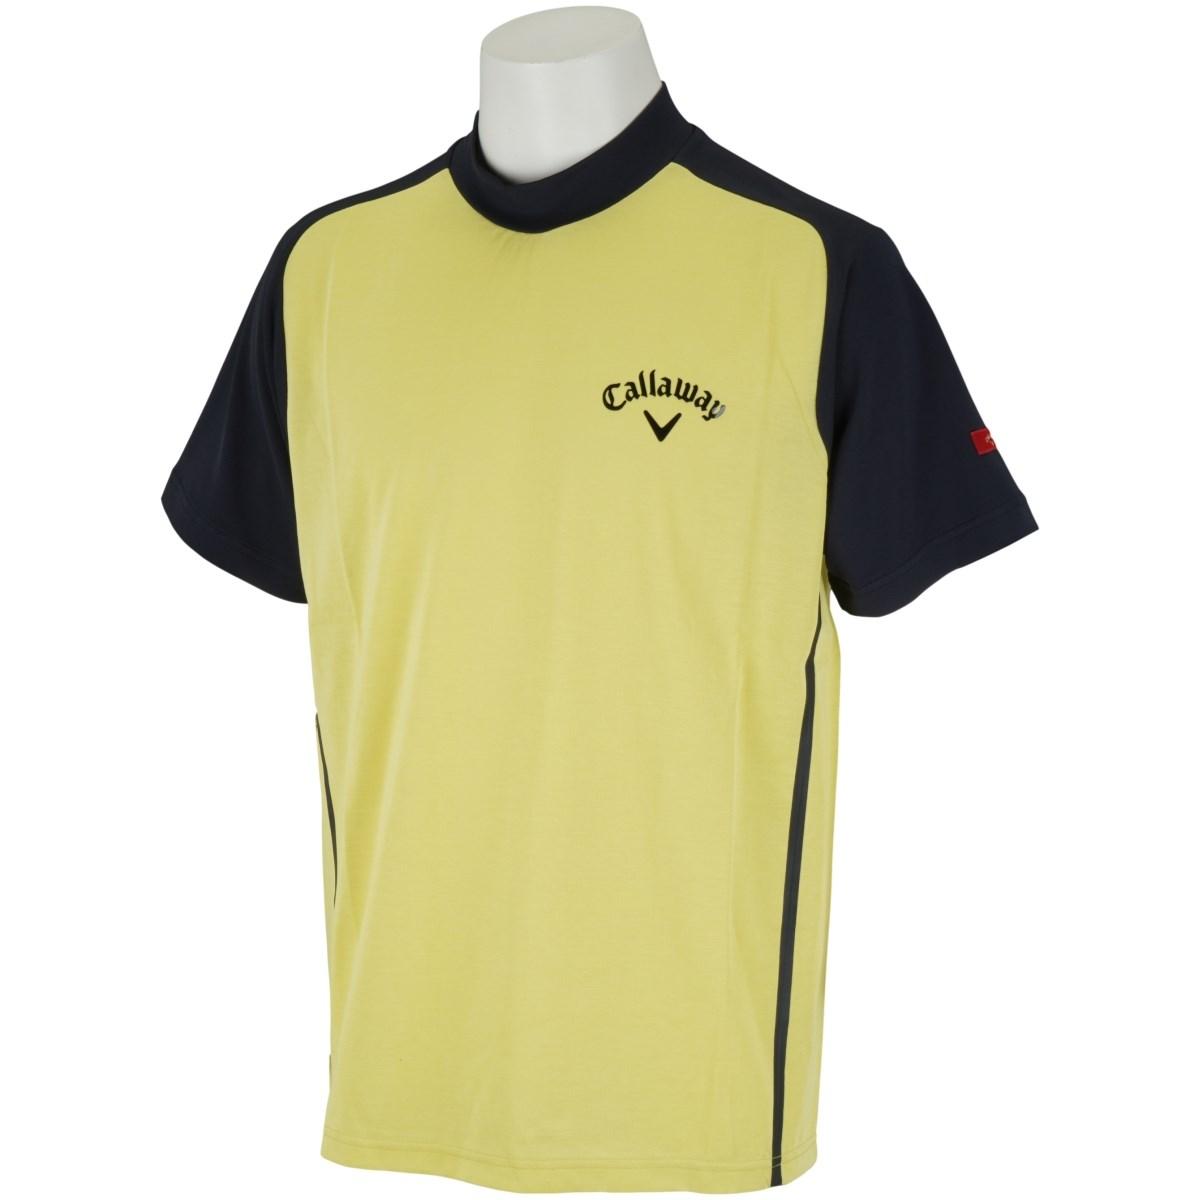 キャロウェイゴルフ CALLAWAY RED LABEL 半袖ハイネックシャツ M イエロー 060